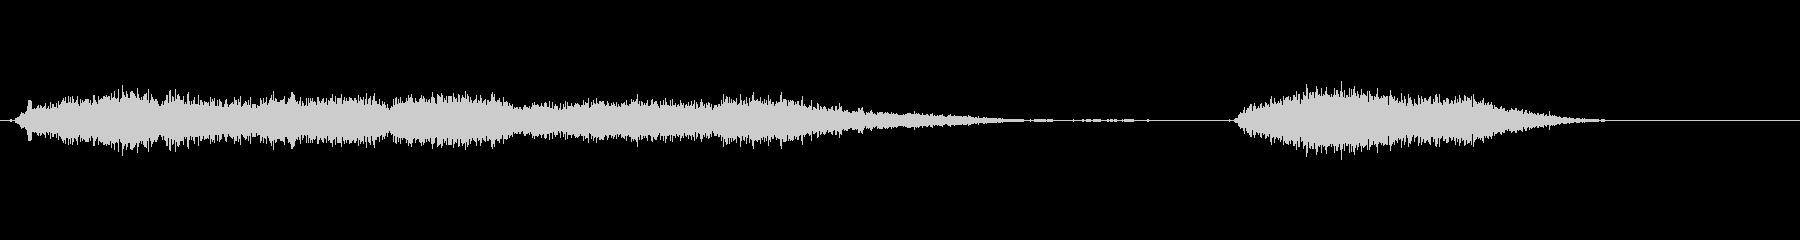 ジグソーパズル電動工具-切断、電動...の未再生の波形